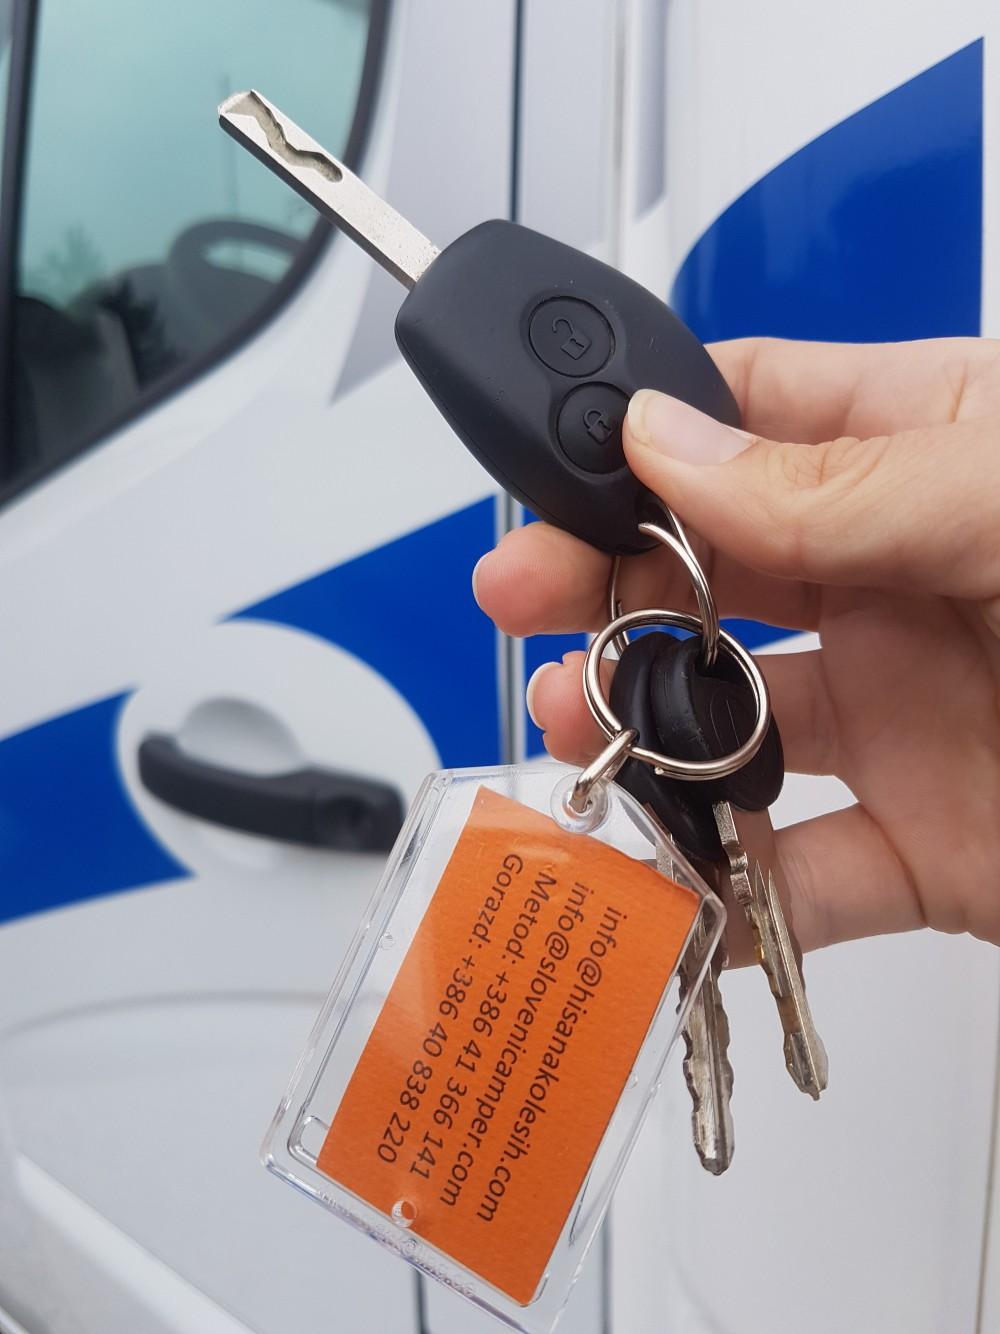 Kako do popustov? Preprosto pokažete ključ vašega avtodoma z obeskom.